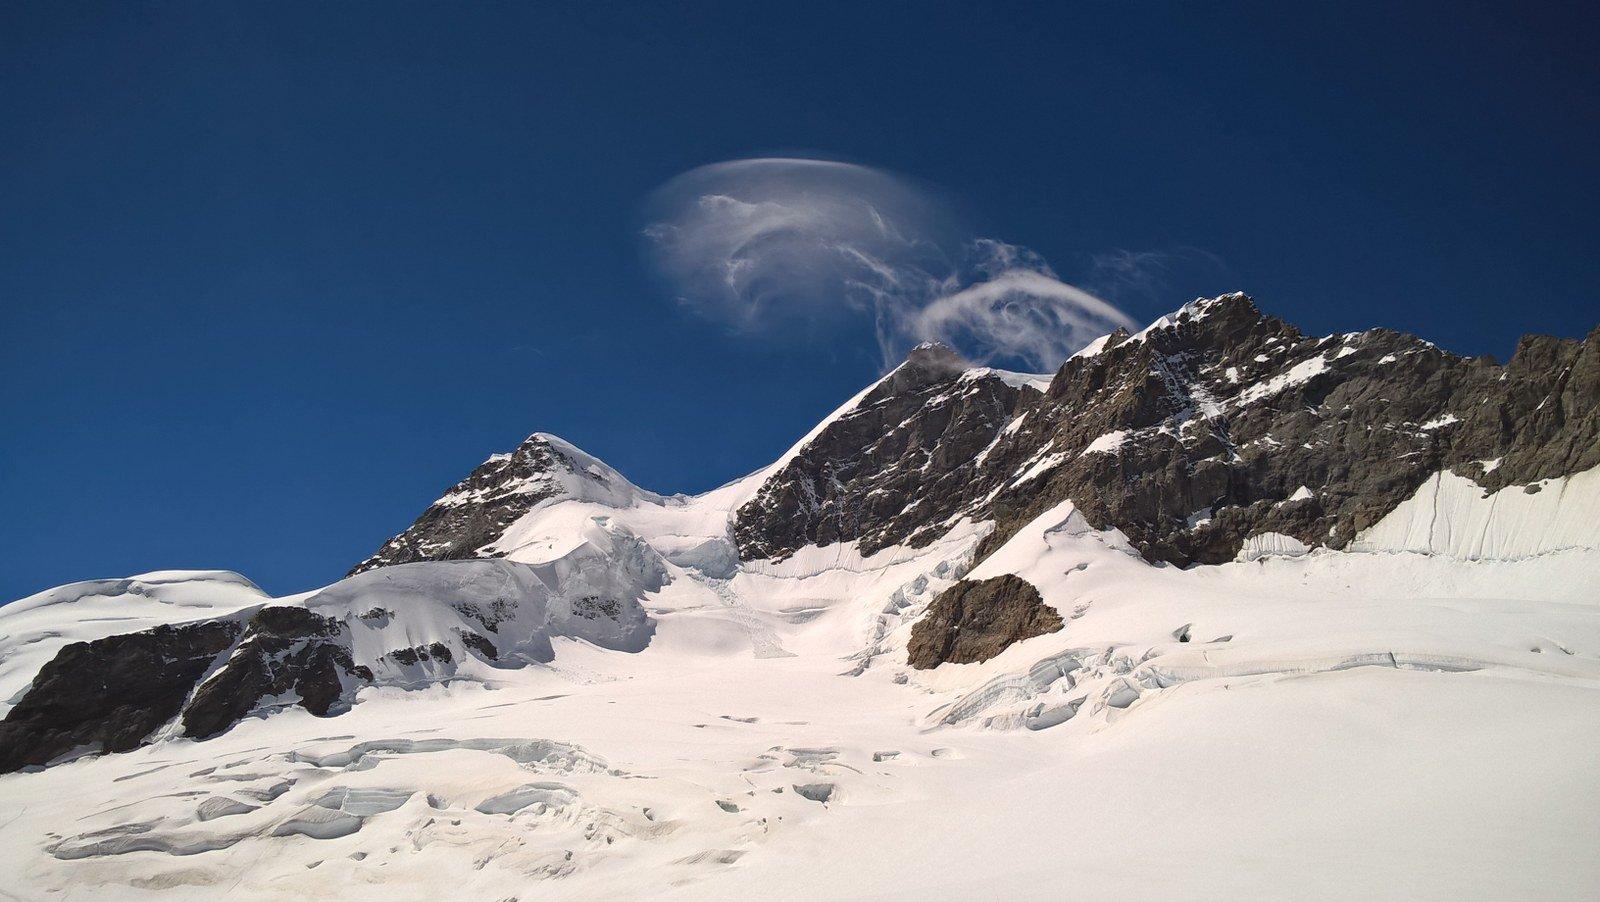 Jungfrau Via Normale dallo Jungfraujoch 2016-08-22